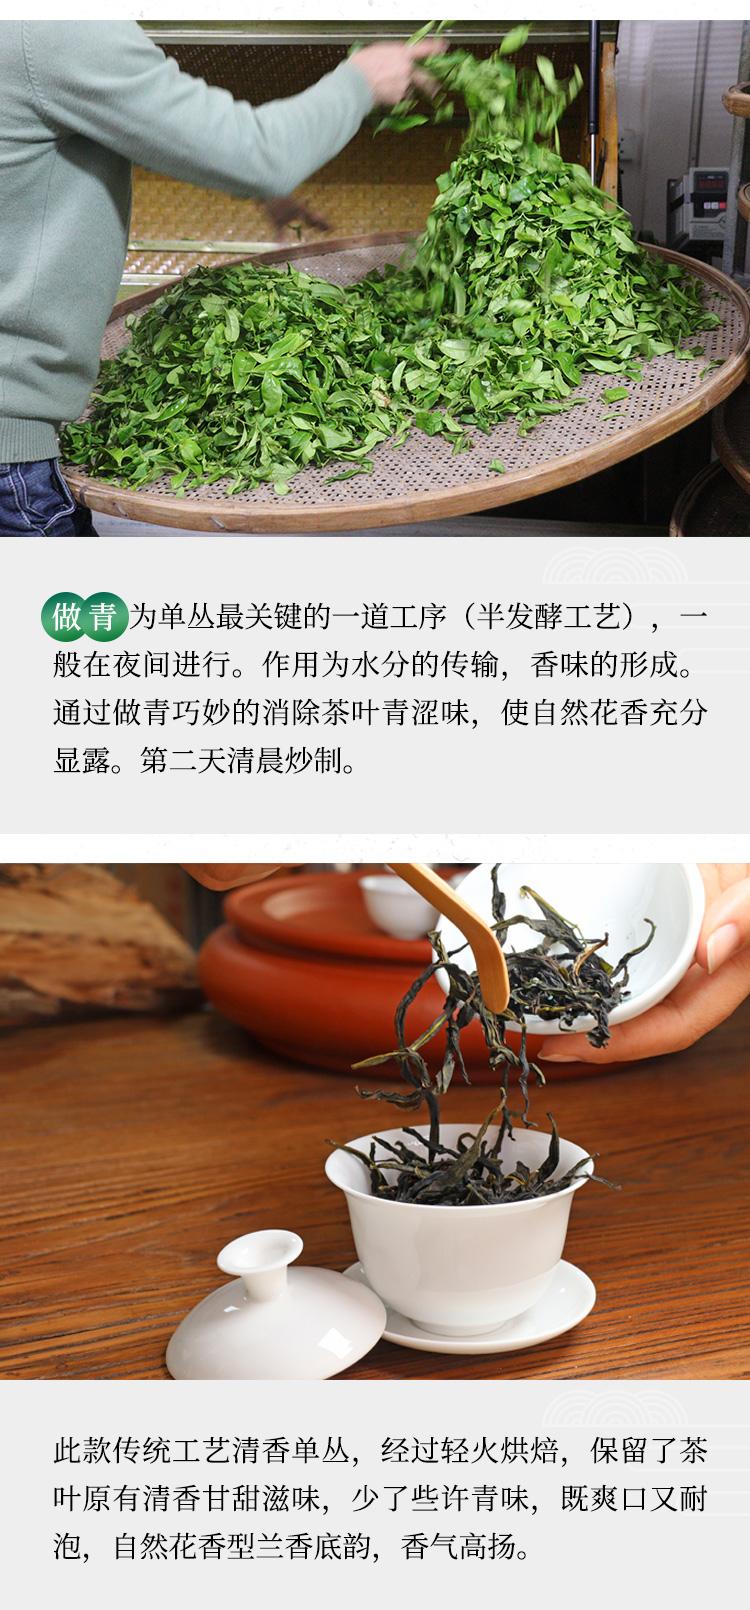 单丛茶凤凰单枞潮州特级散装乌岽山清香型从纵鸭屎香大乌叶详细照片